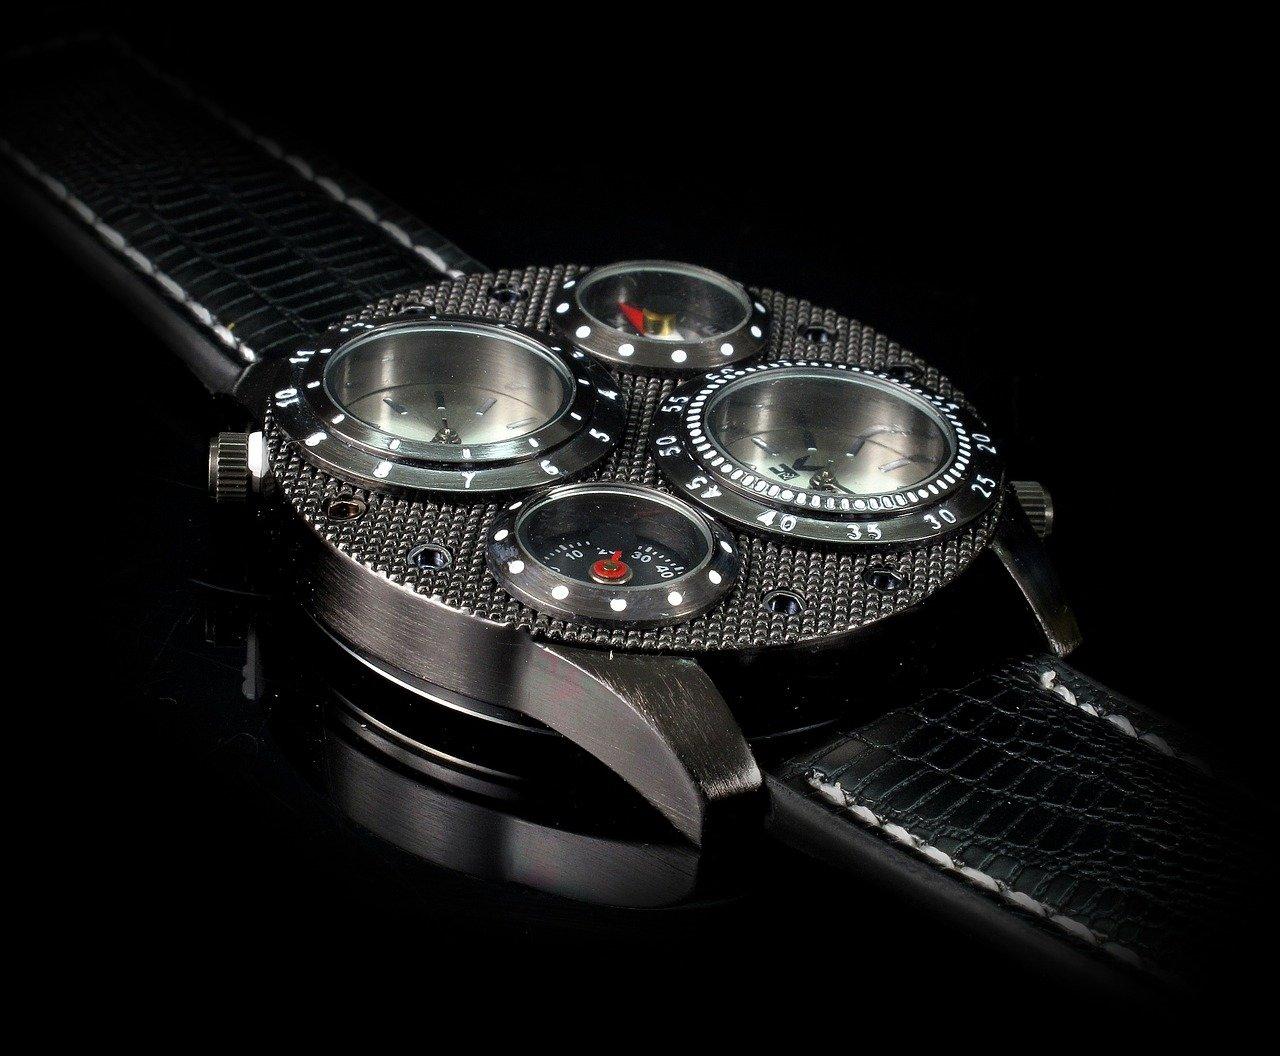 Lo que el reloj dice de tu personalidad - Tendencias - La Región ... 8379f15daabe